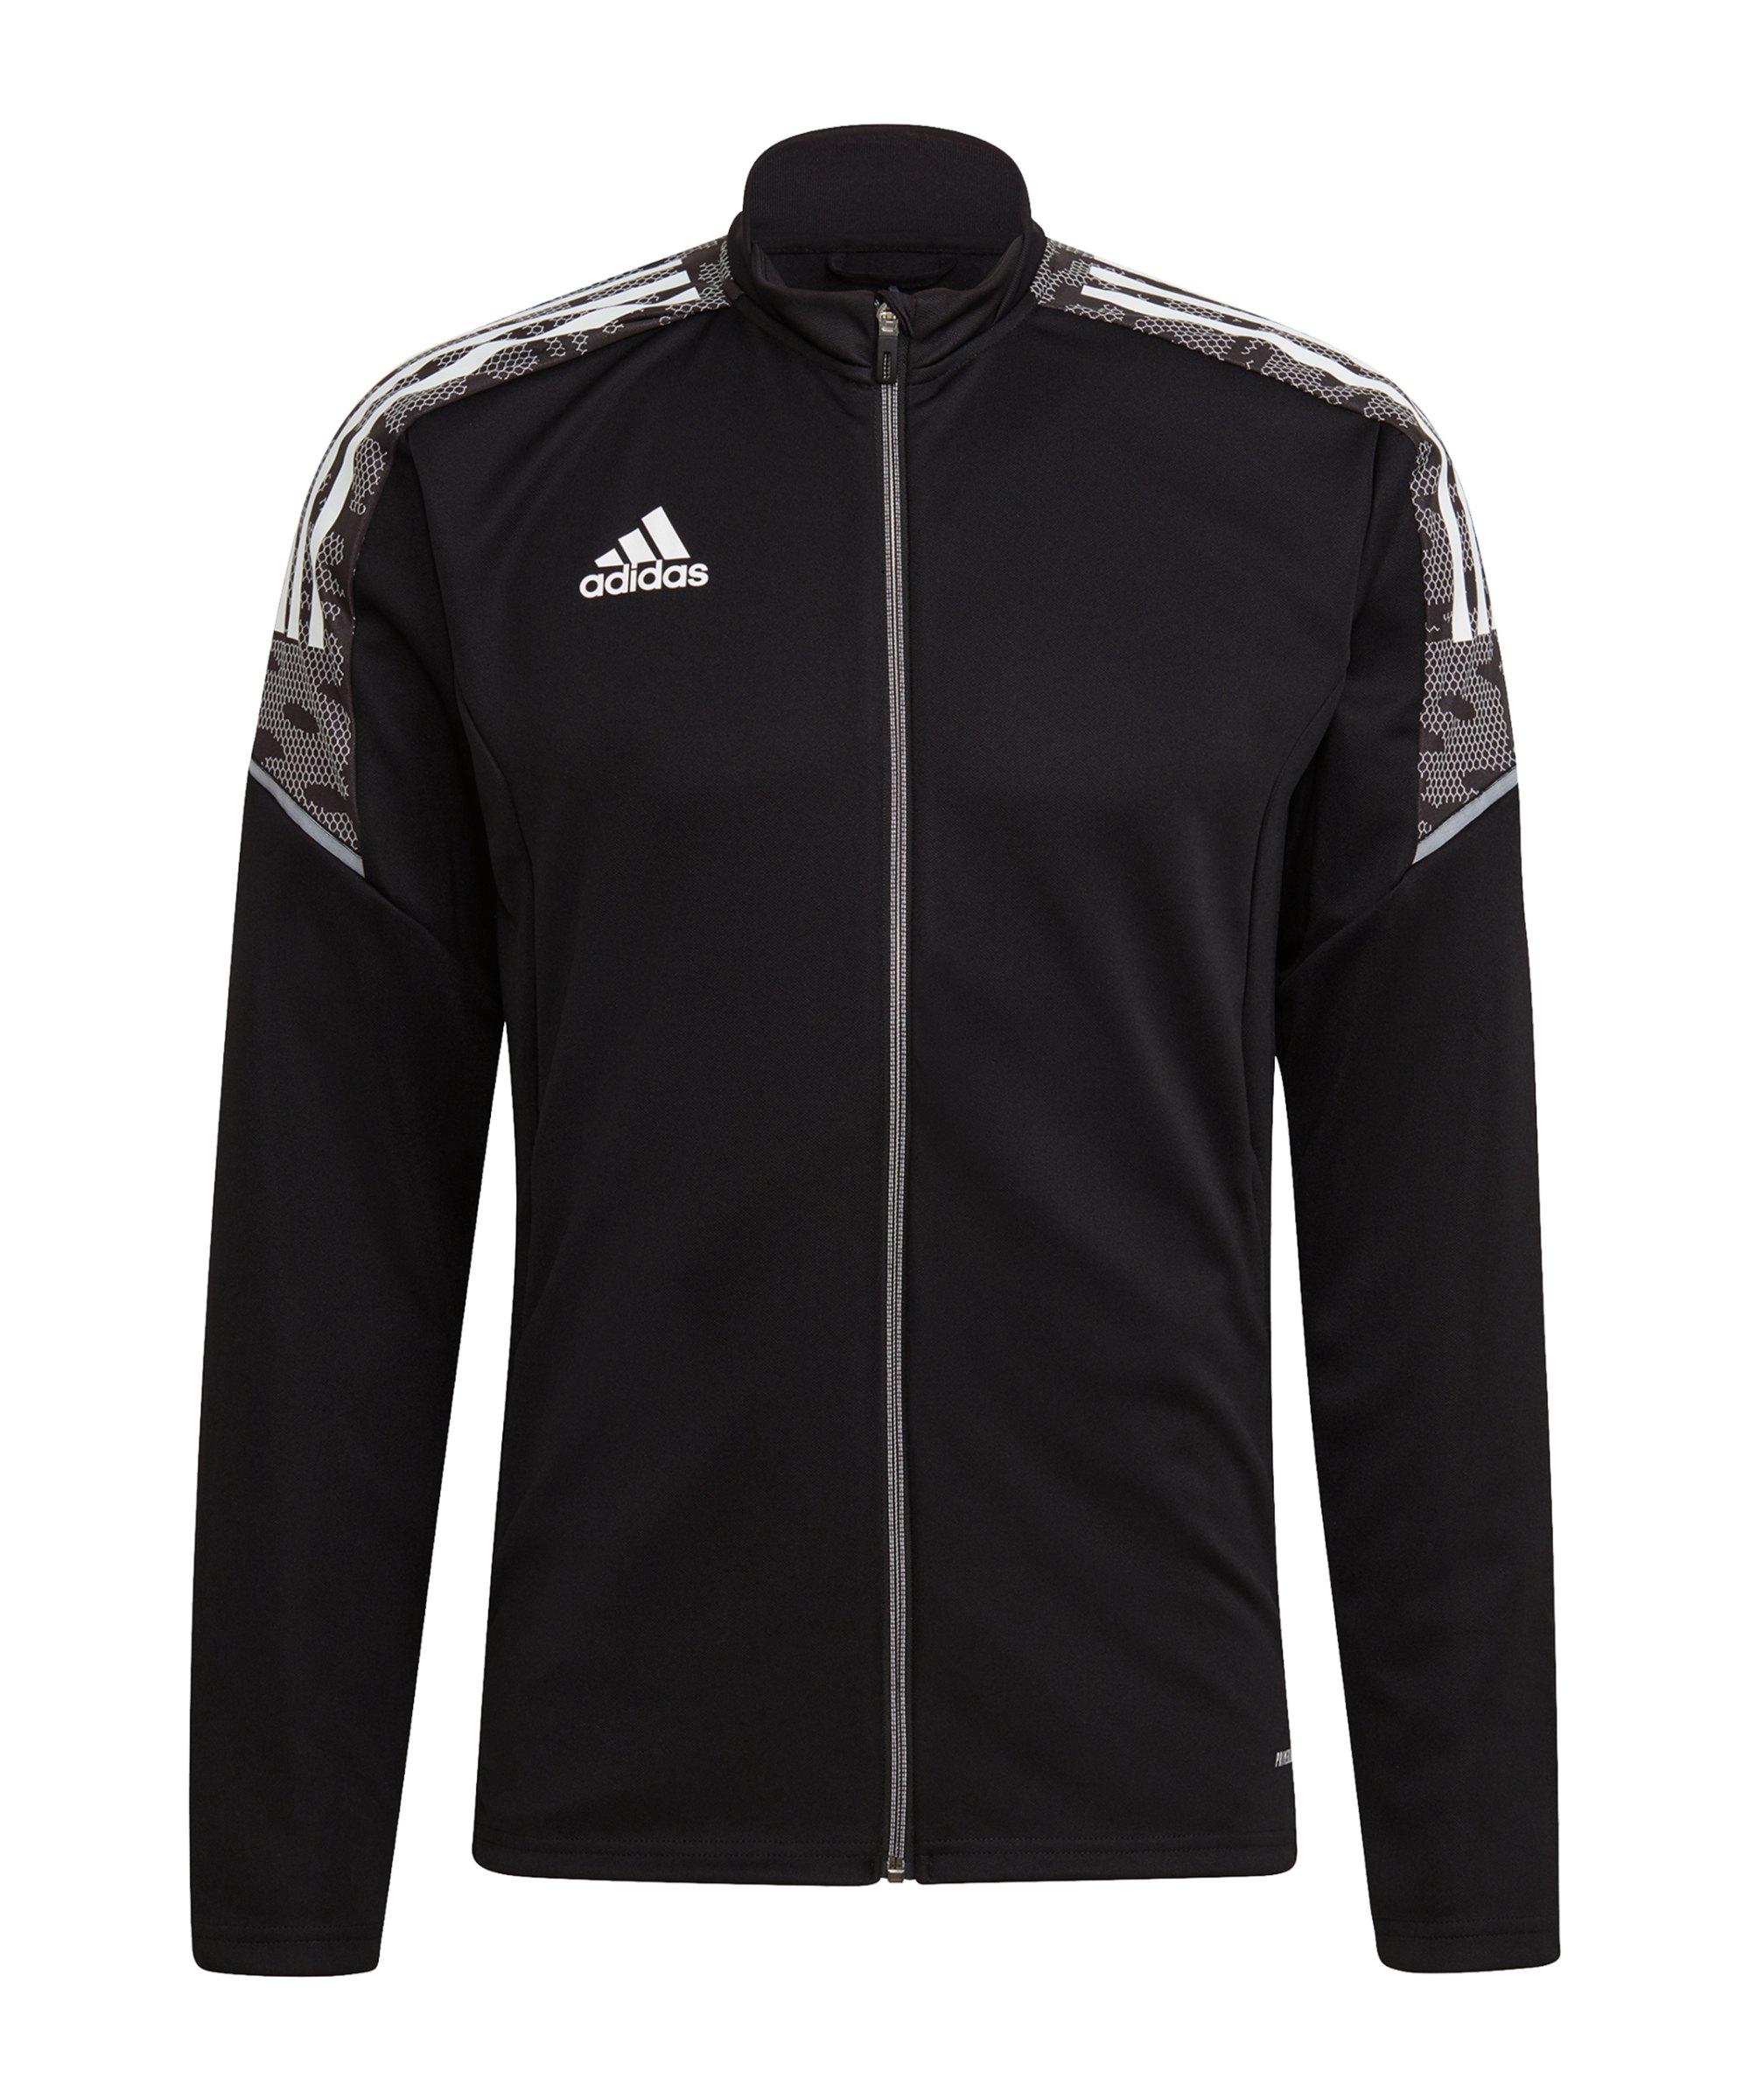 adidas Condivo 21 Trainingsjacke Schwarz Weiss - schwarz